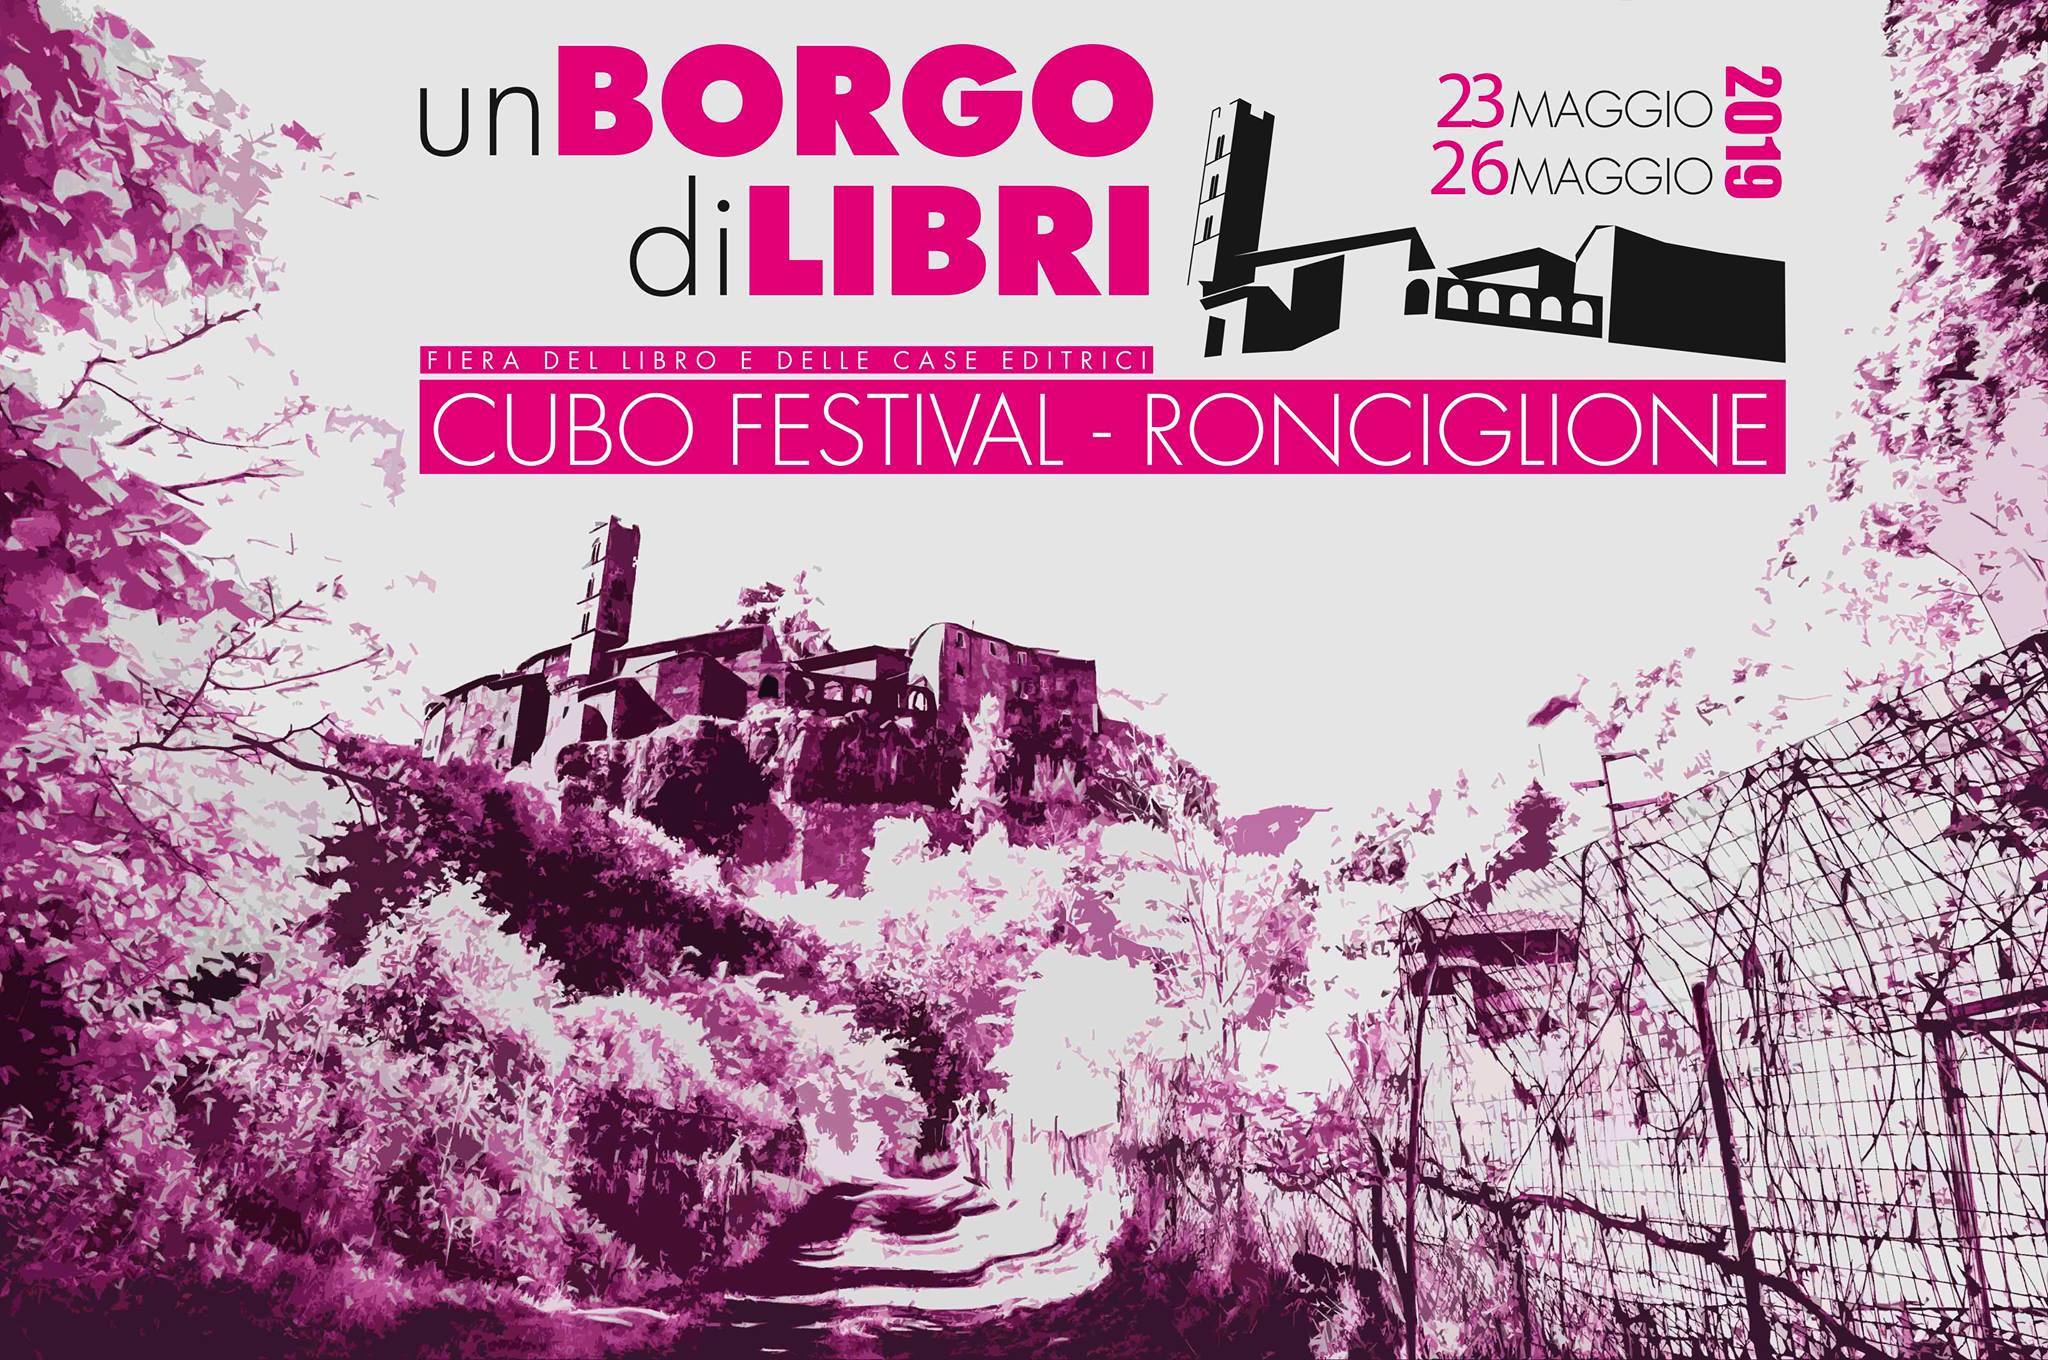 Cubo Festival 2019 Ronciglione (VT)